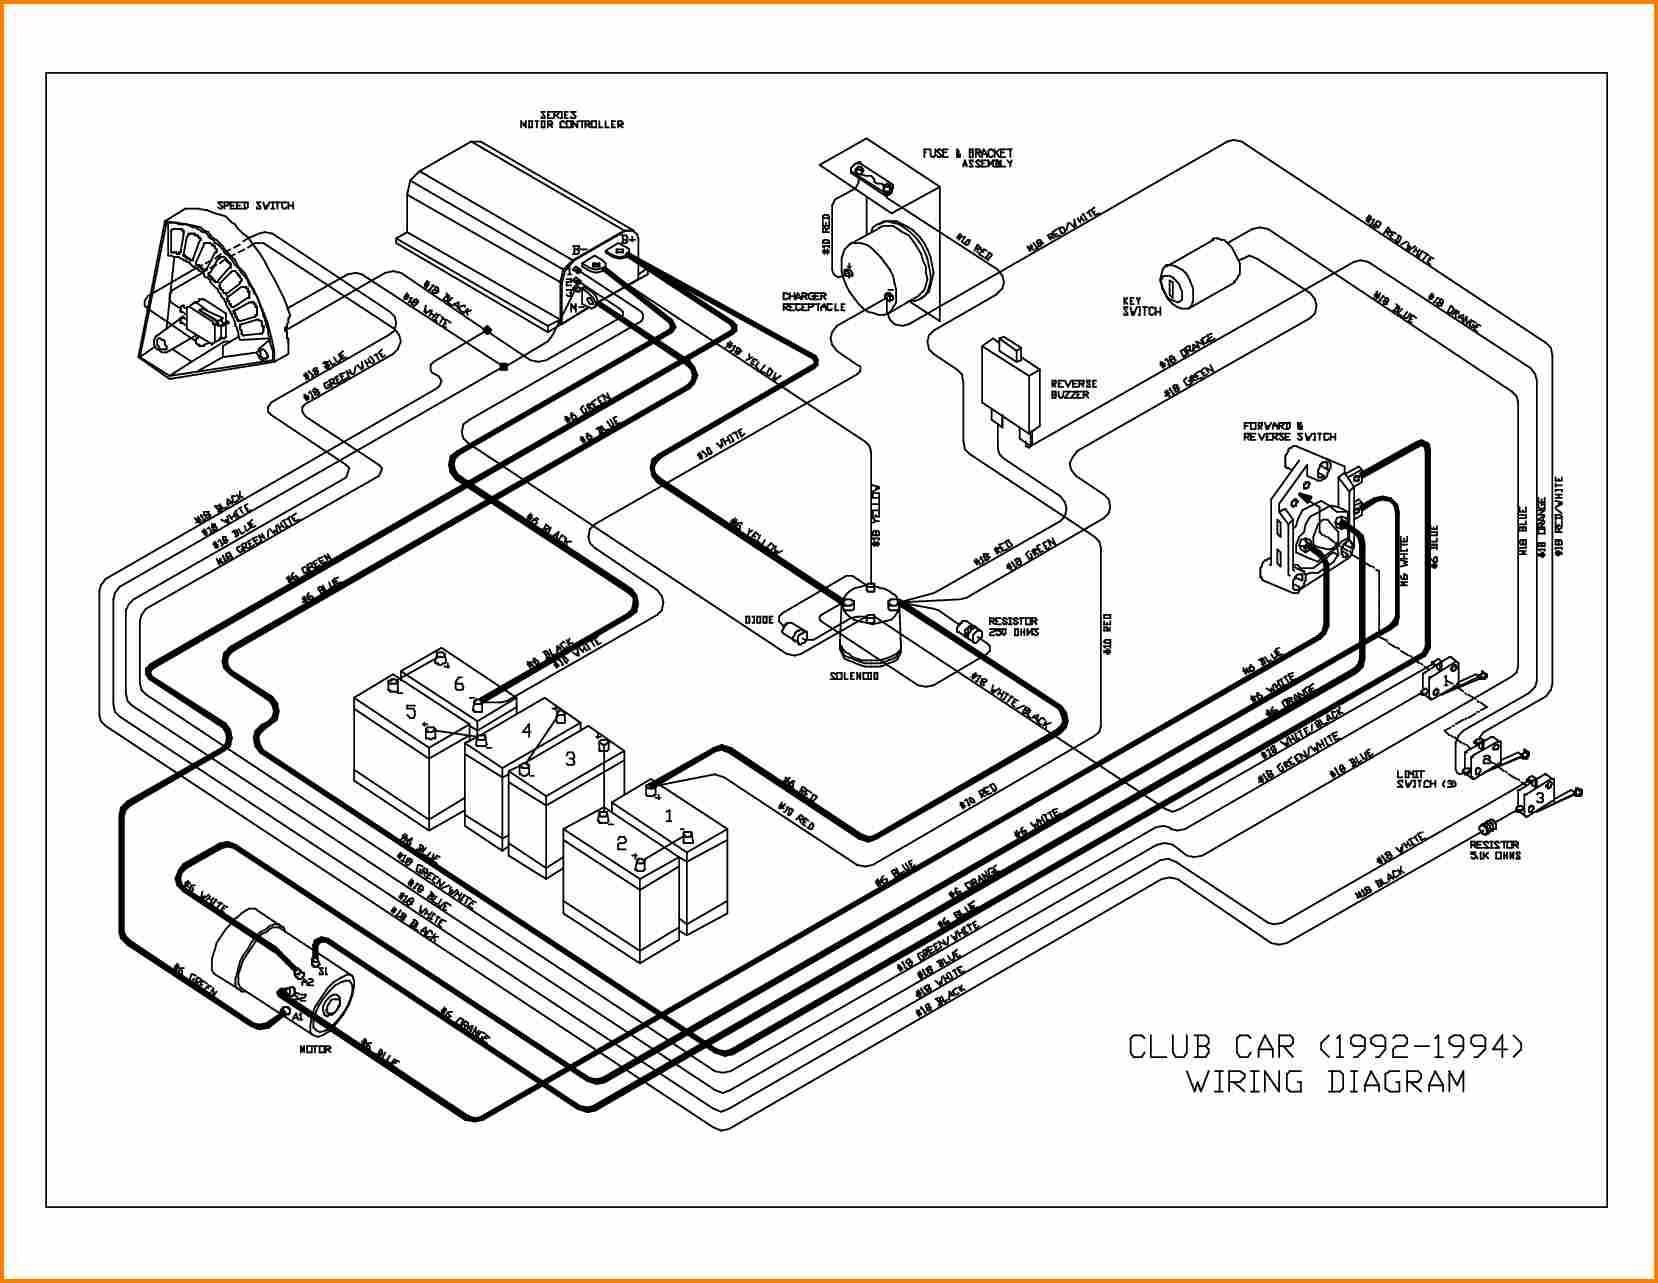 Wiring Diagram for Club Car Electric Golf Cart Inspirationa Diagram Likewise Club Car Golf Cart Wiring